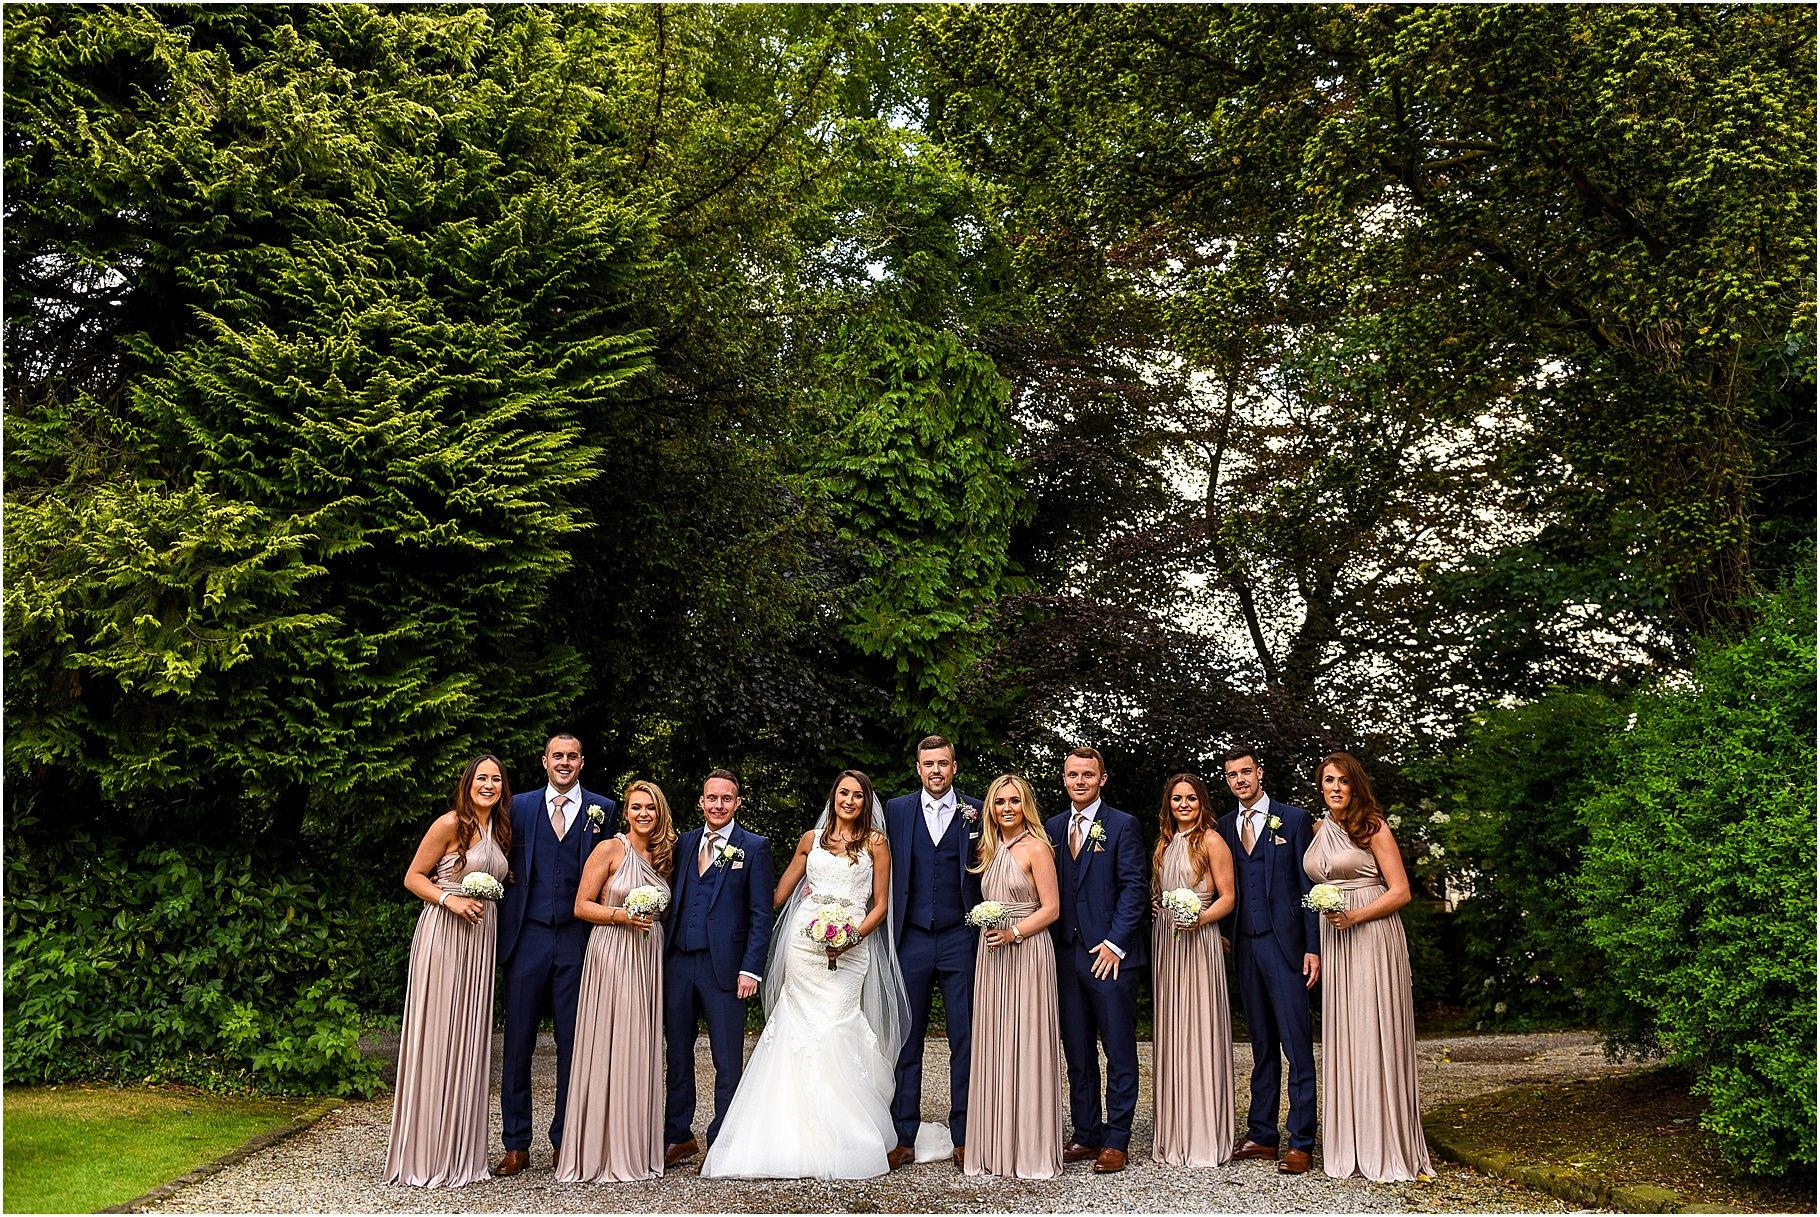 mitton-hall-wedding-051.jpg